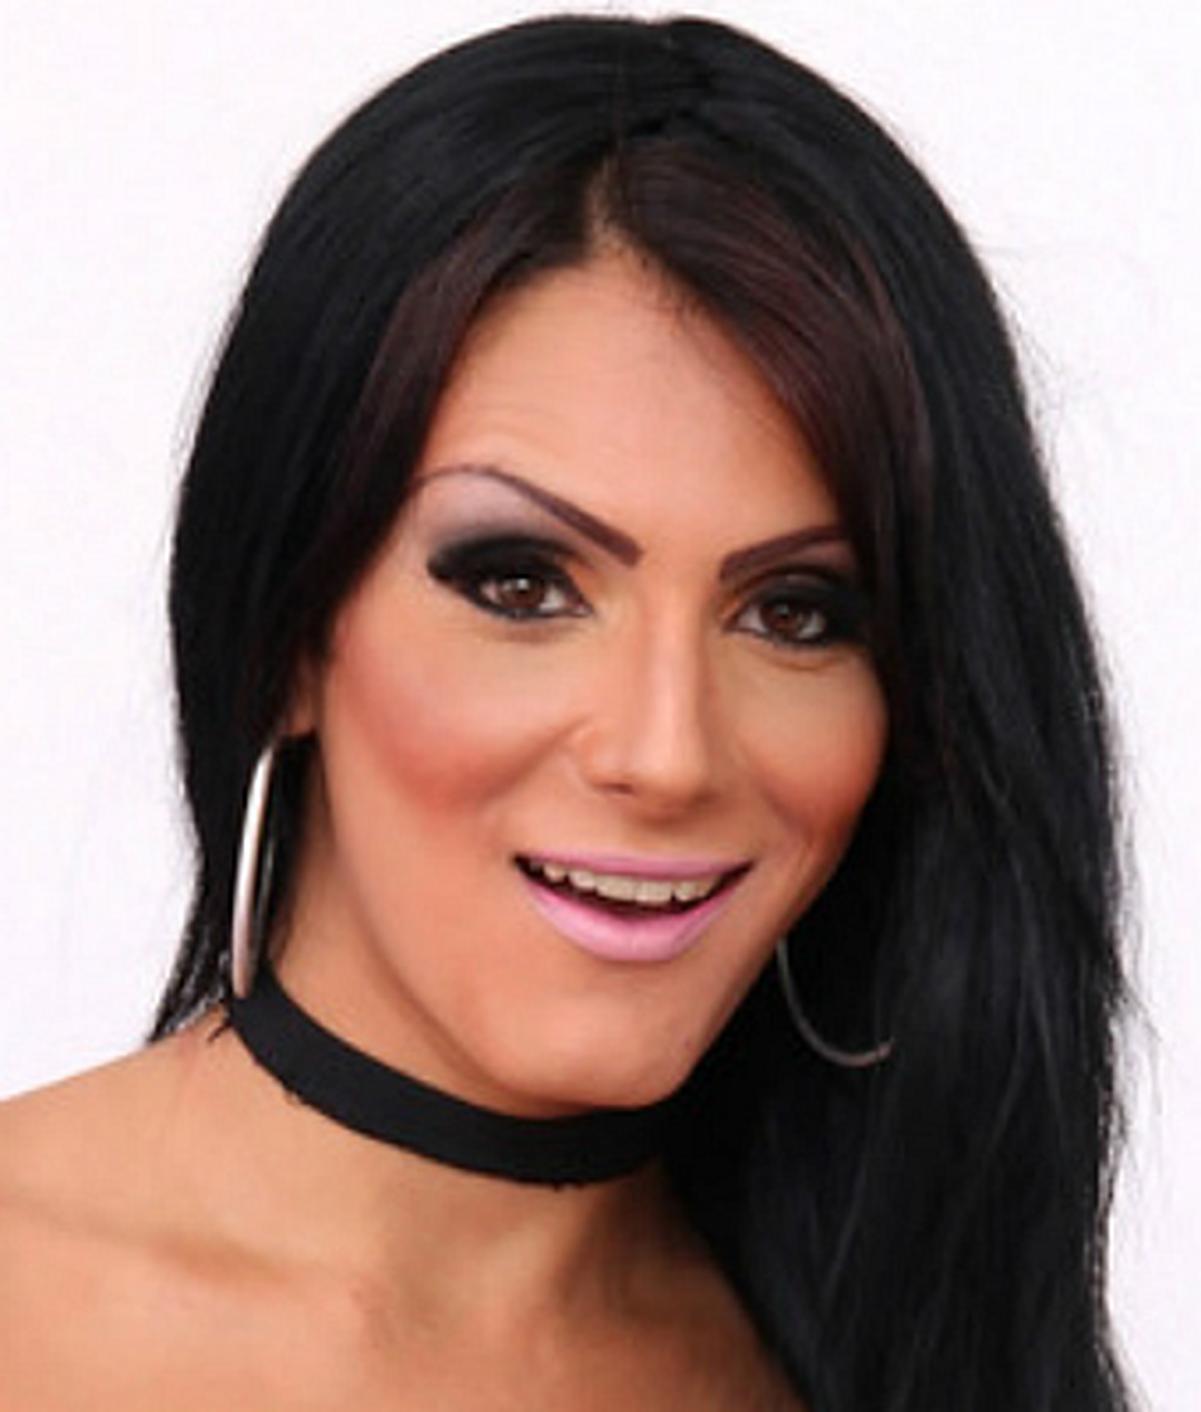 Deborah Mastronelly